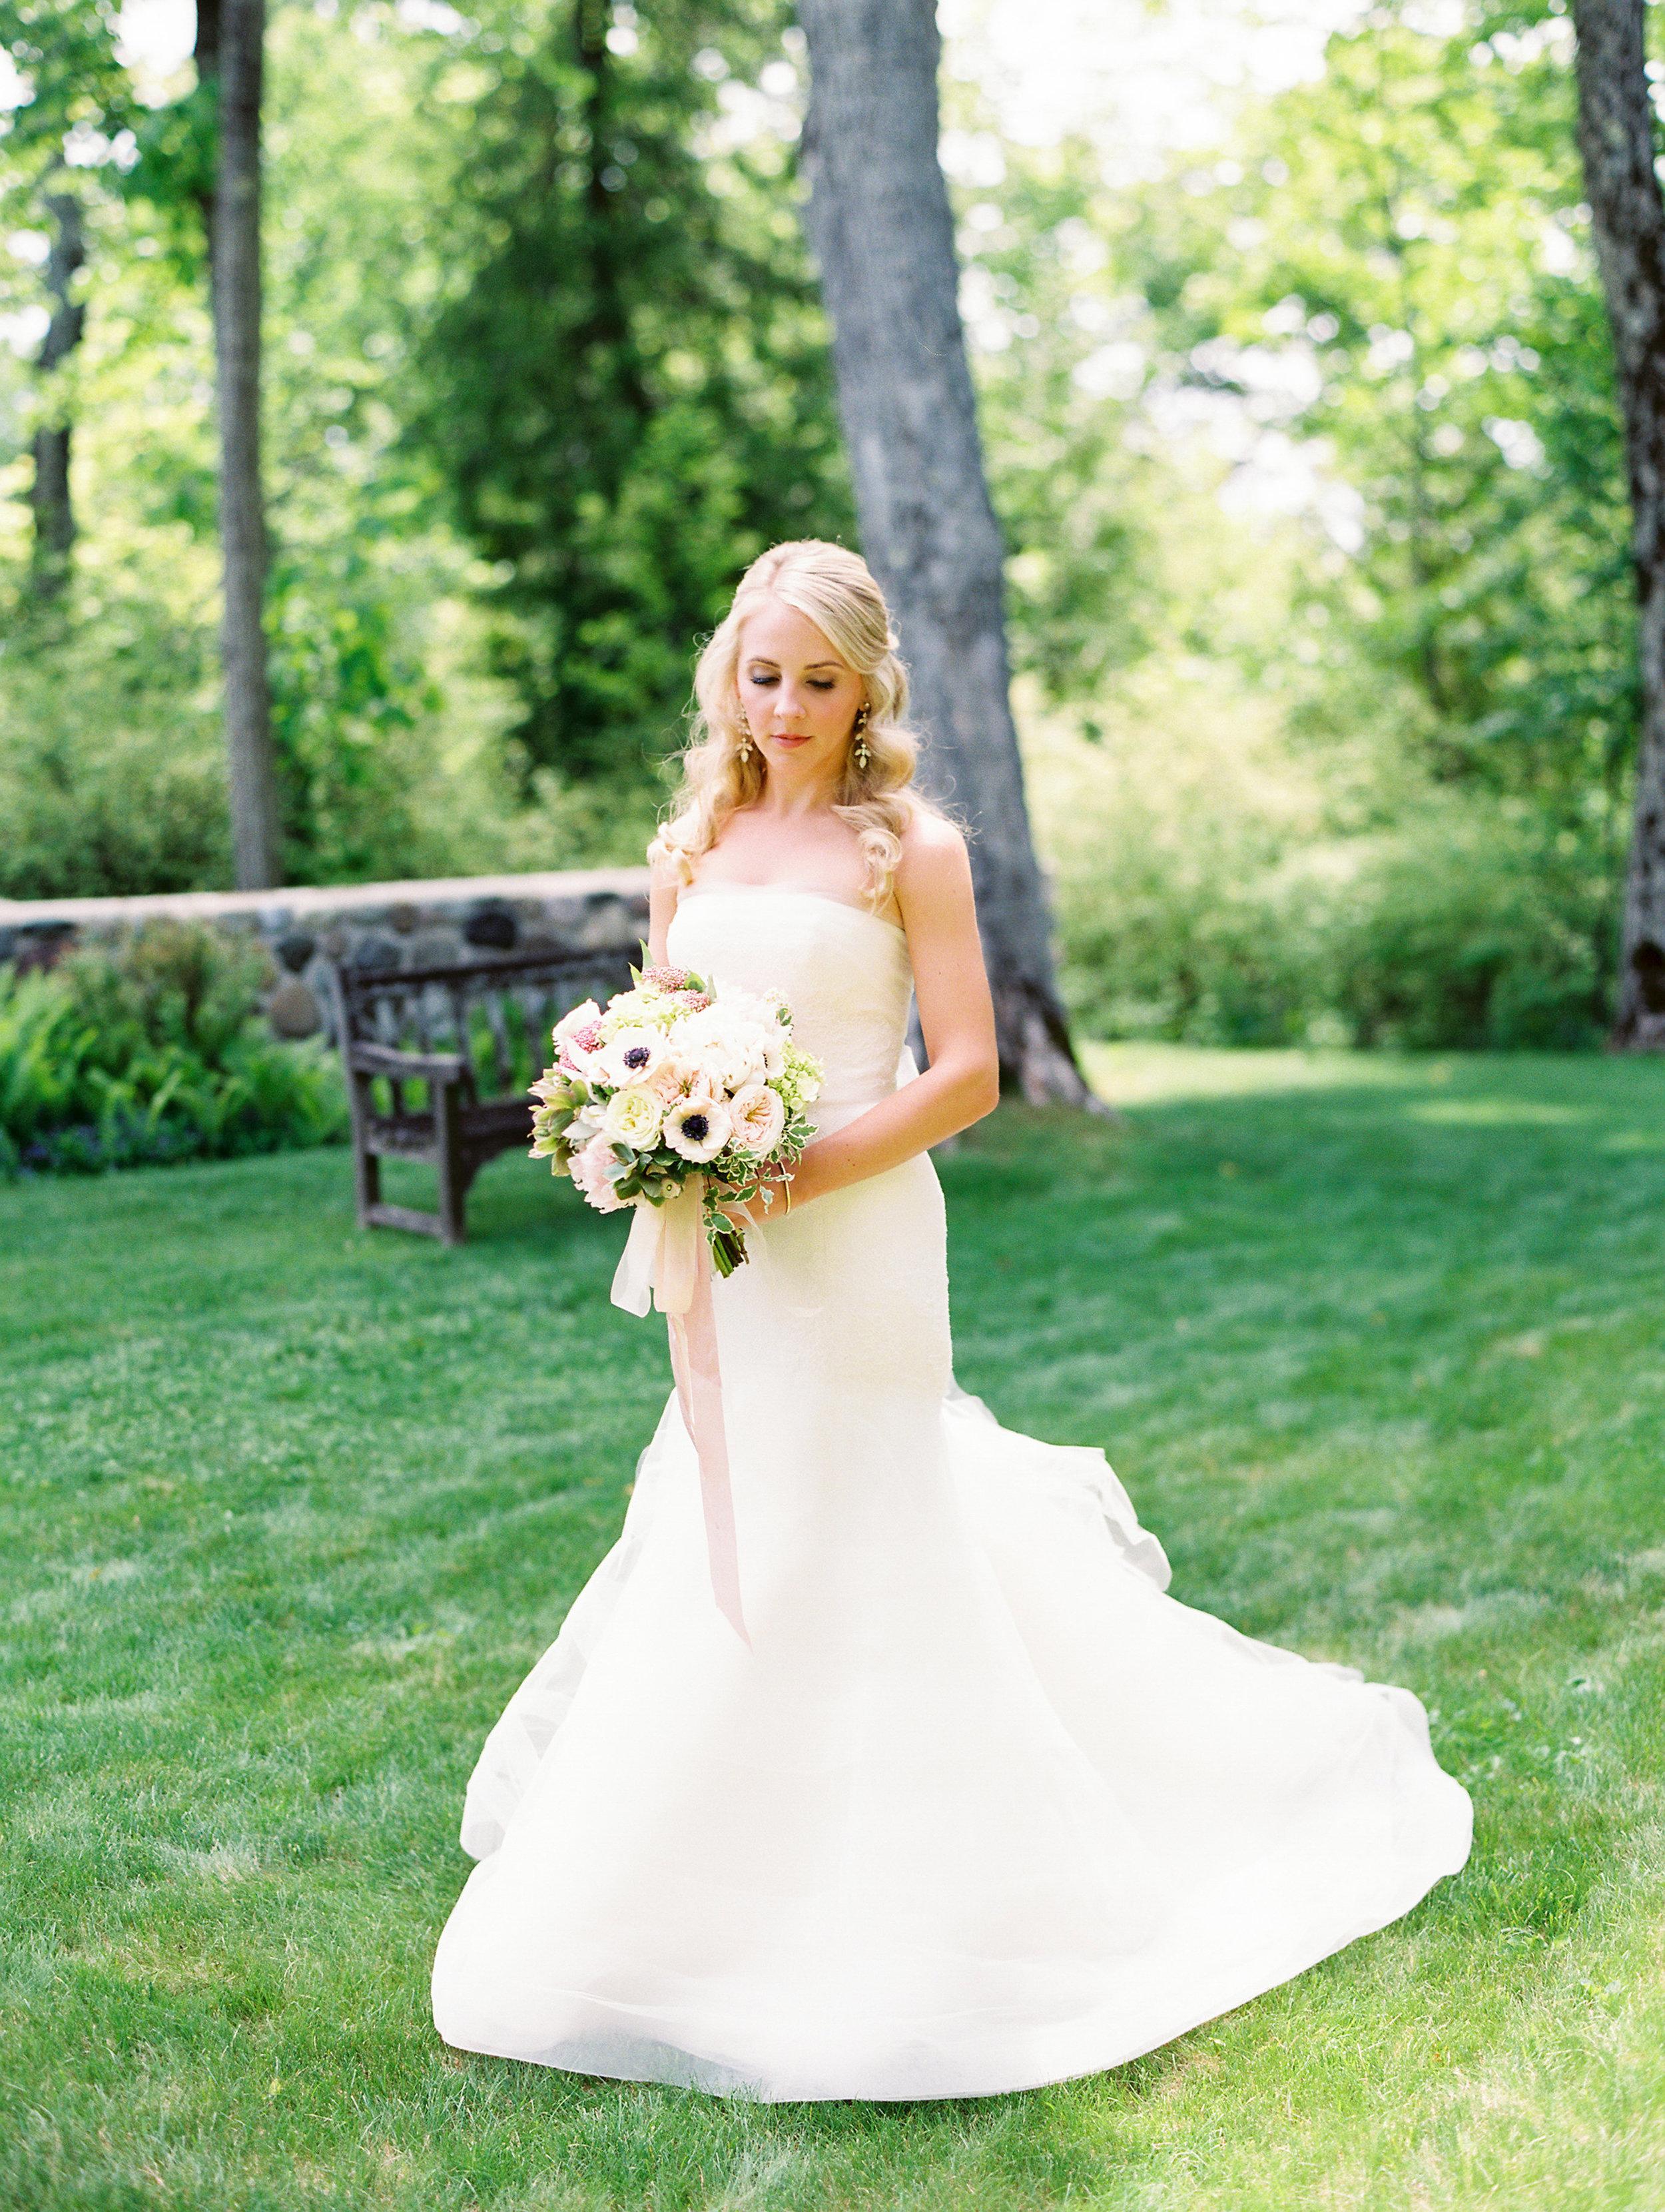 Coffman+Wedding+BrideGrooma-41.jpg